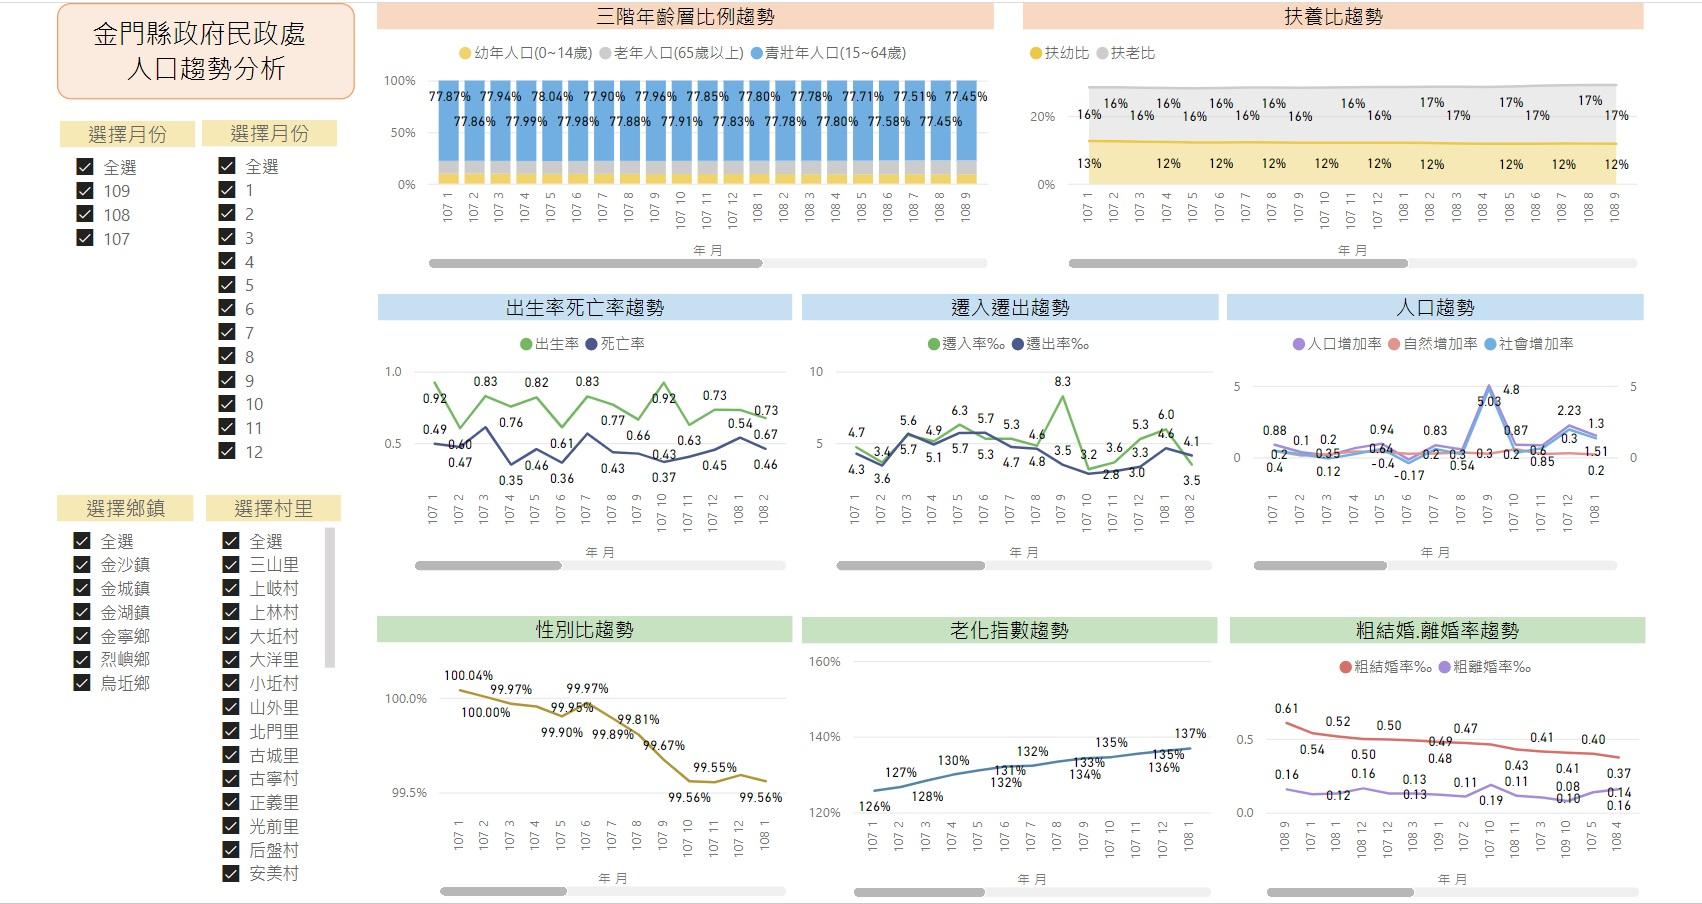 民政處_人口趨勢